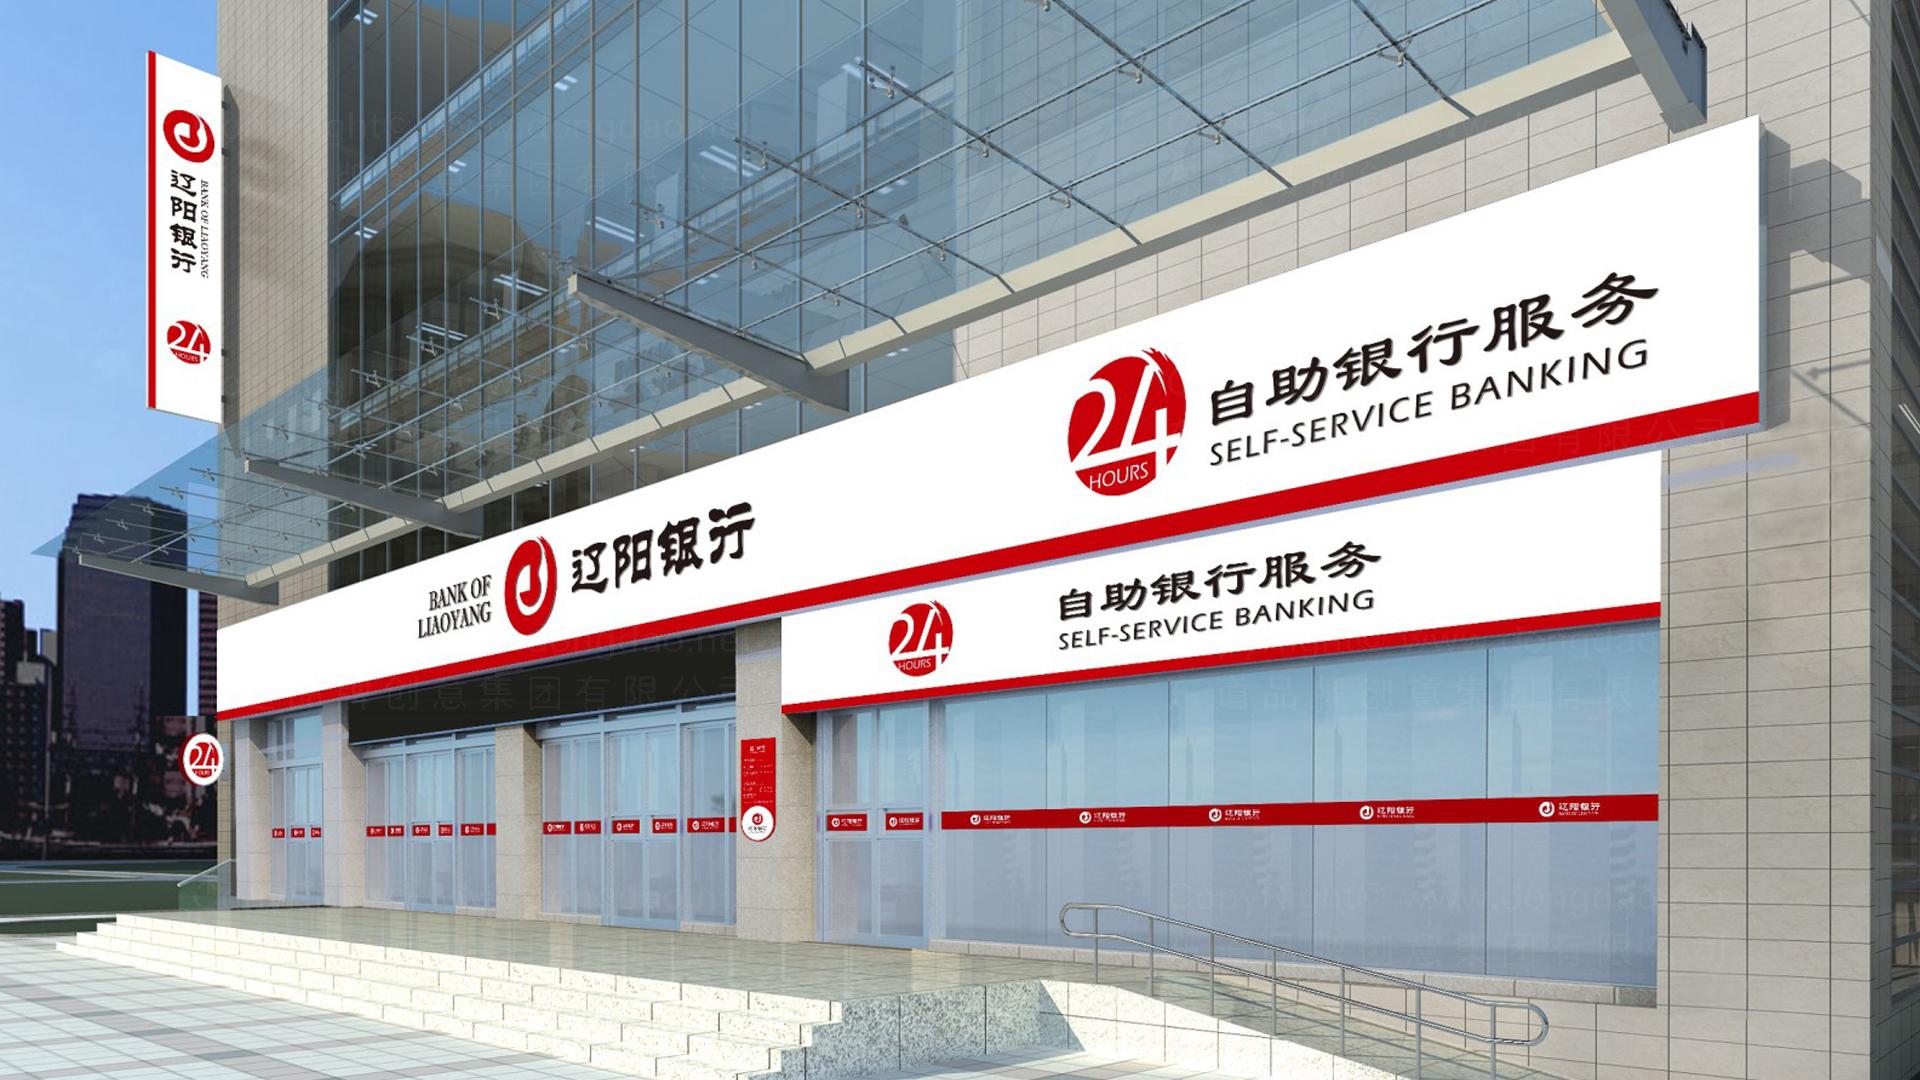 商业空间&导示案例辽阳银行银行网点风格设计